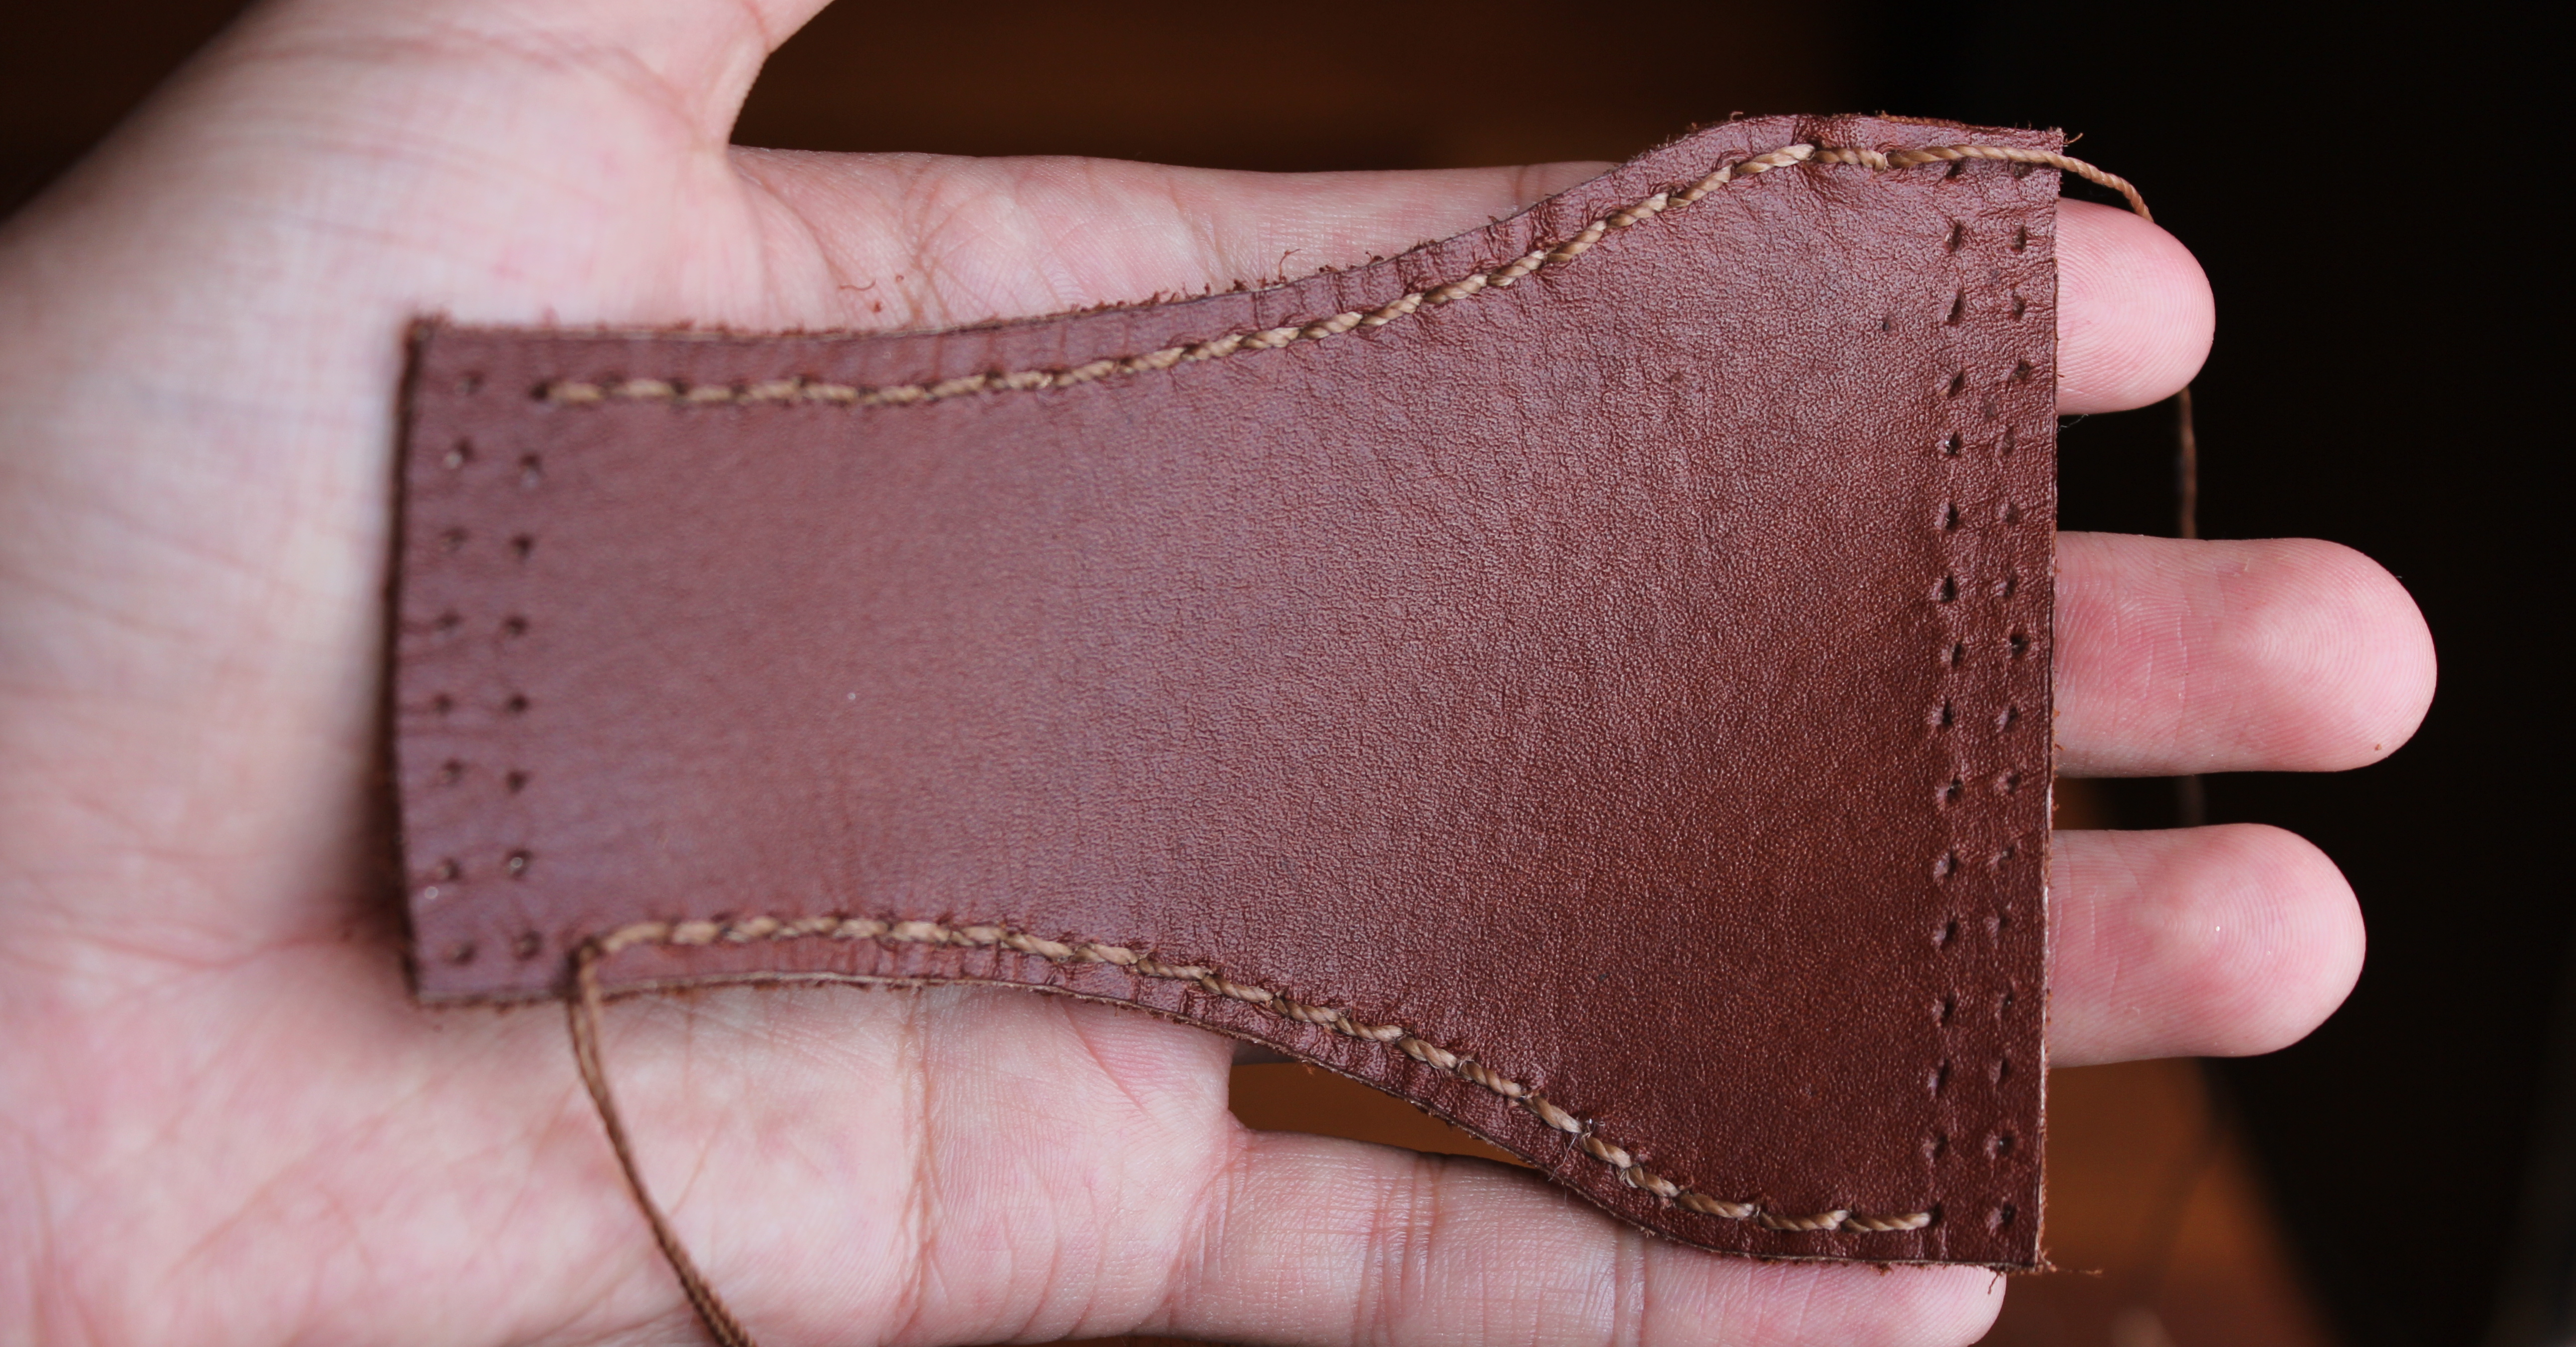 Picture of Strap Attachment